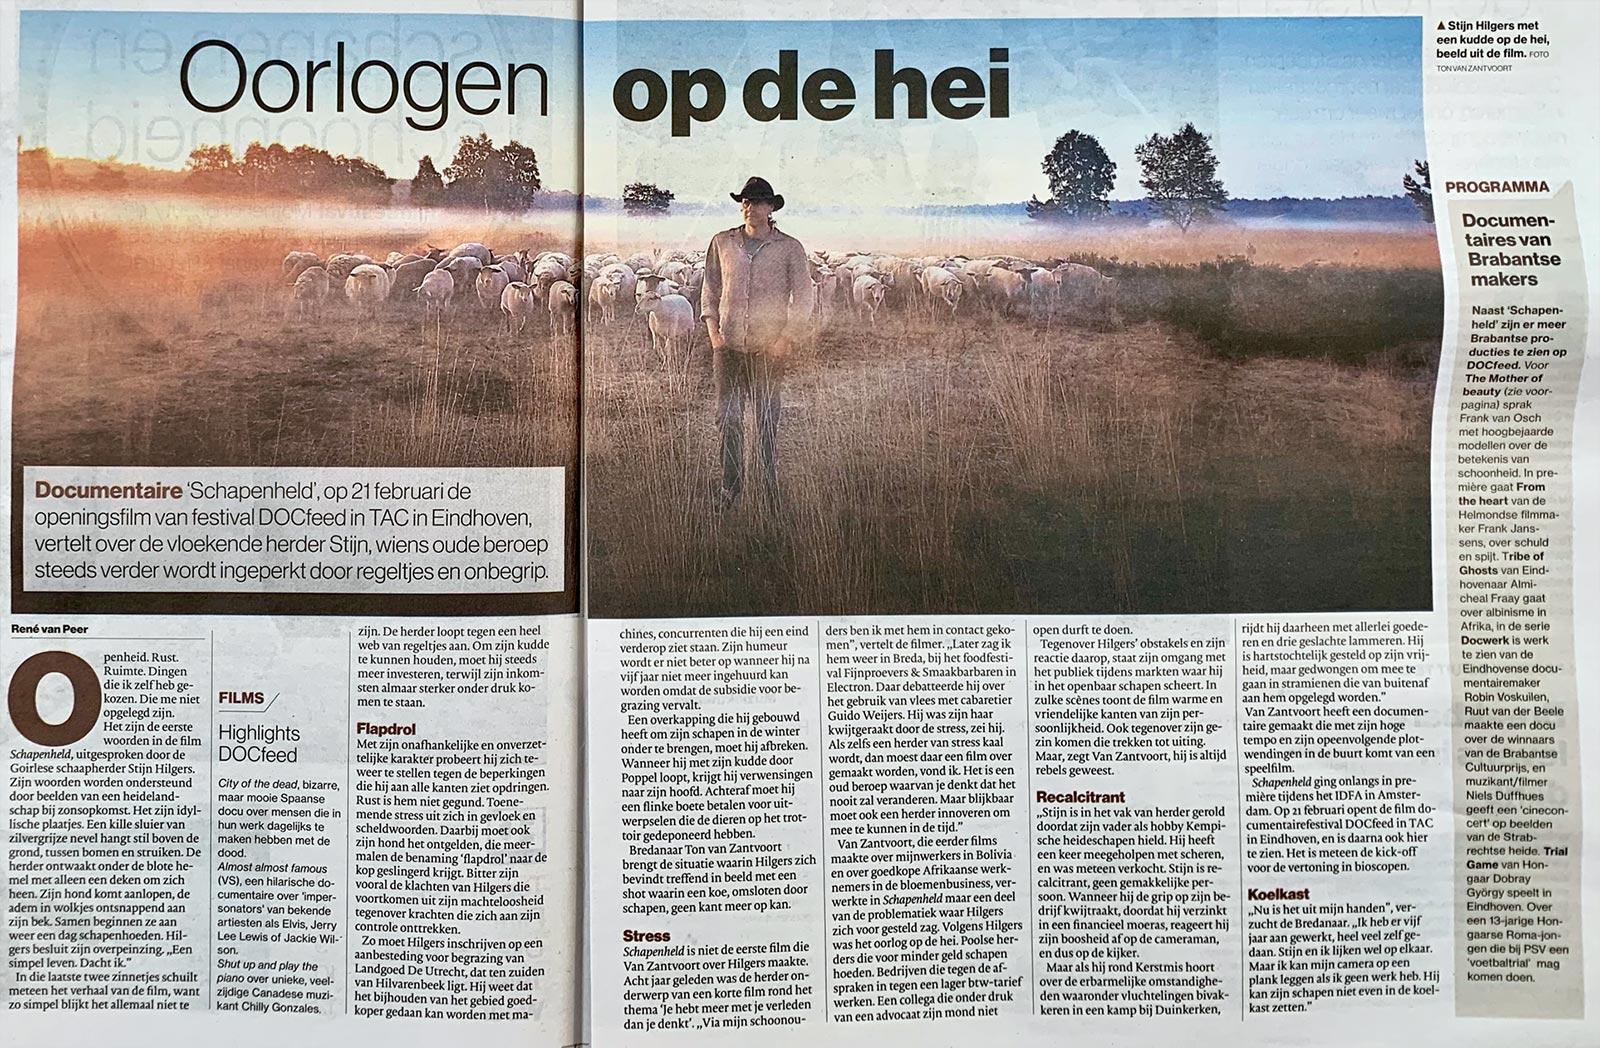 Eindhovens Dagblad ED Oorlogen op de hei ene van peer Schapenheld Ton van Zantvoort 13 februari 2019